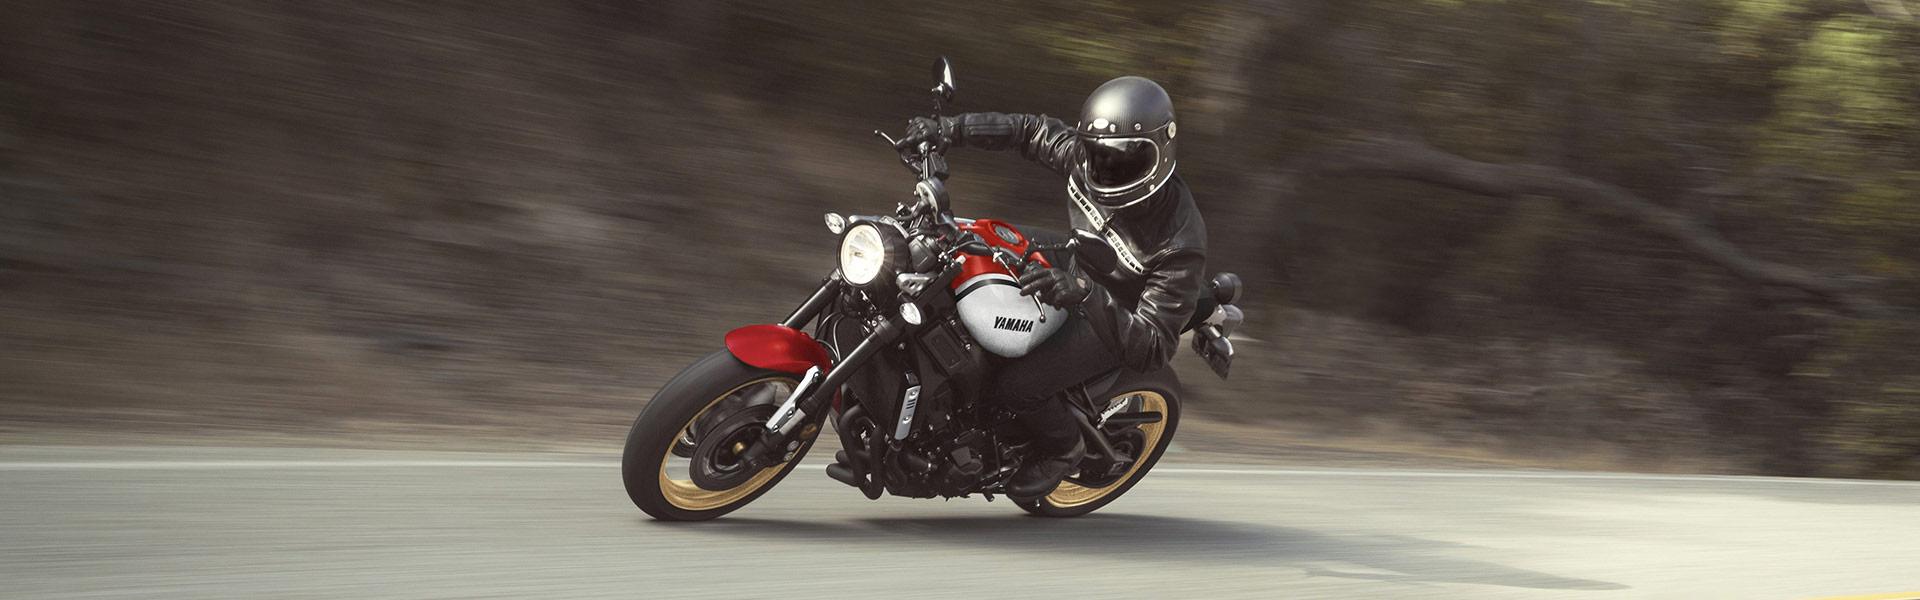 Yamaha Motor Insurance Kempsey